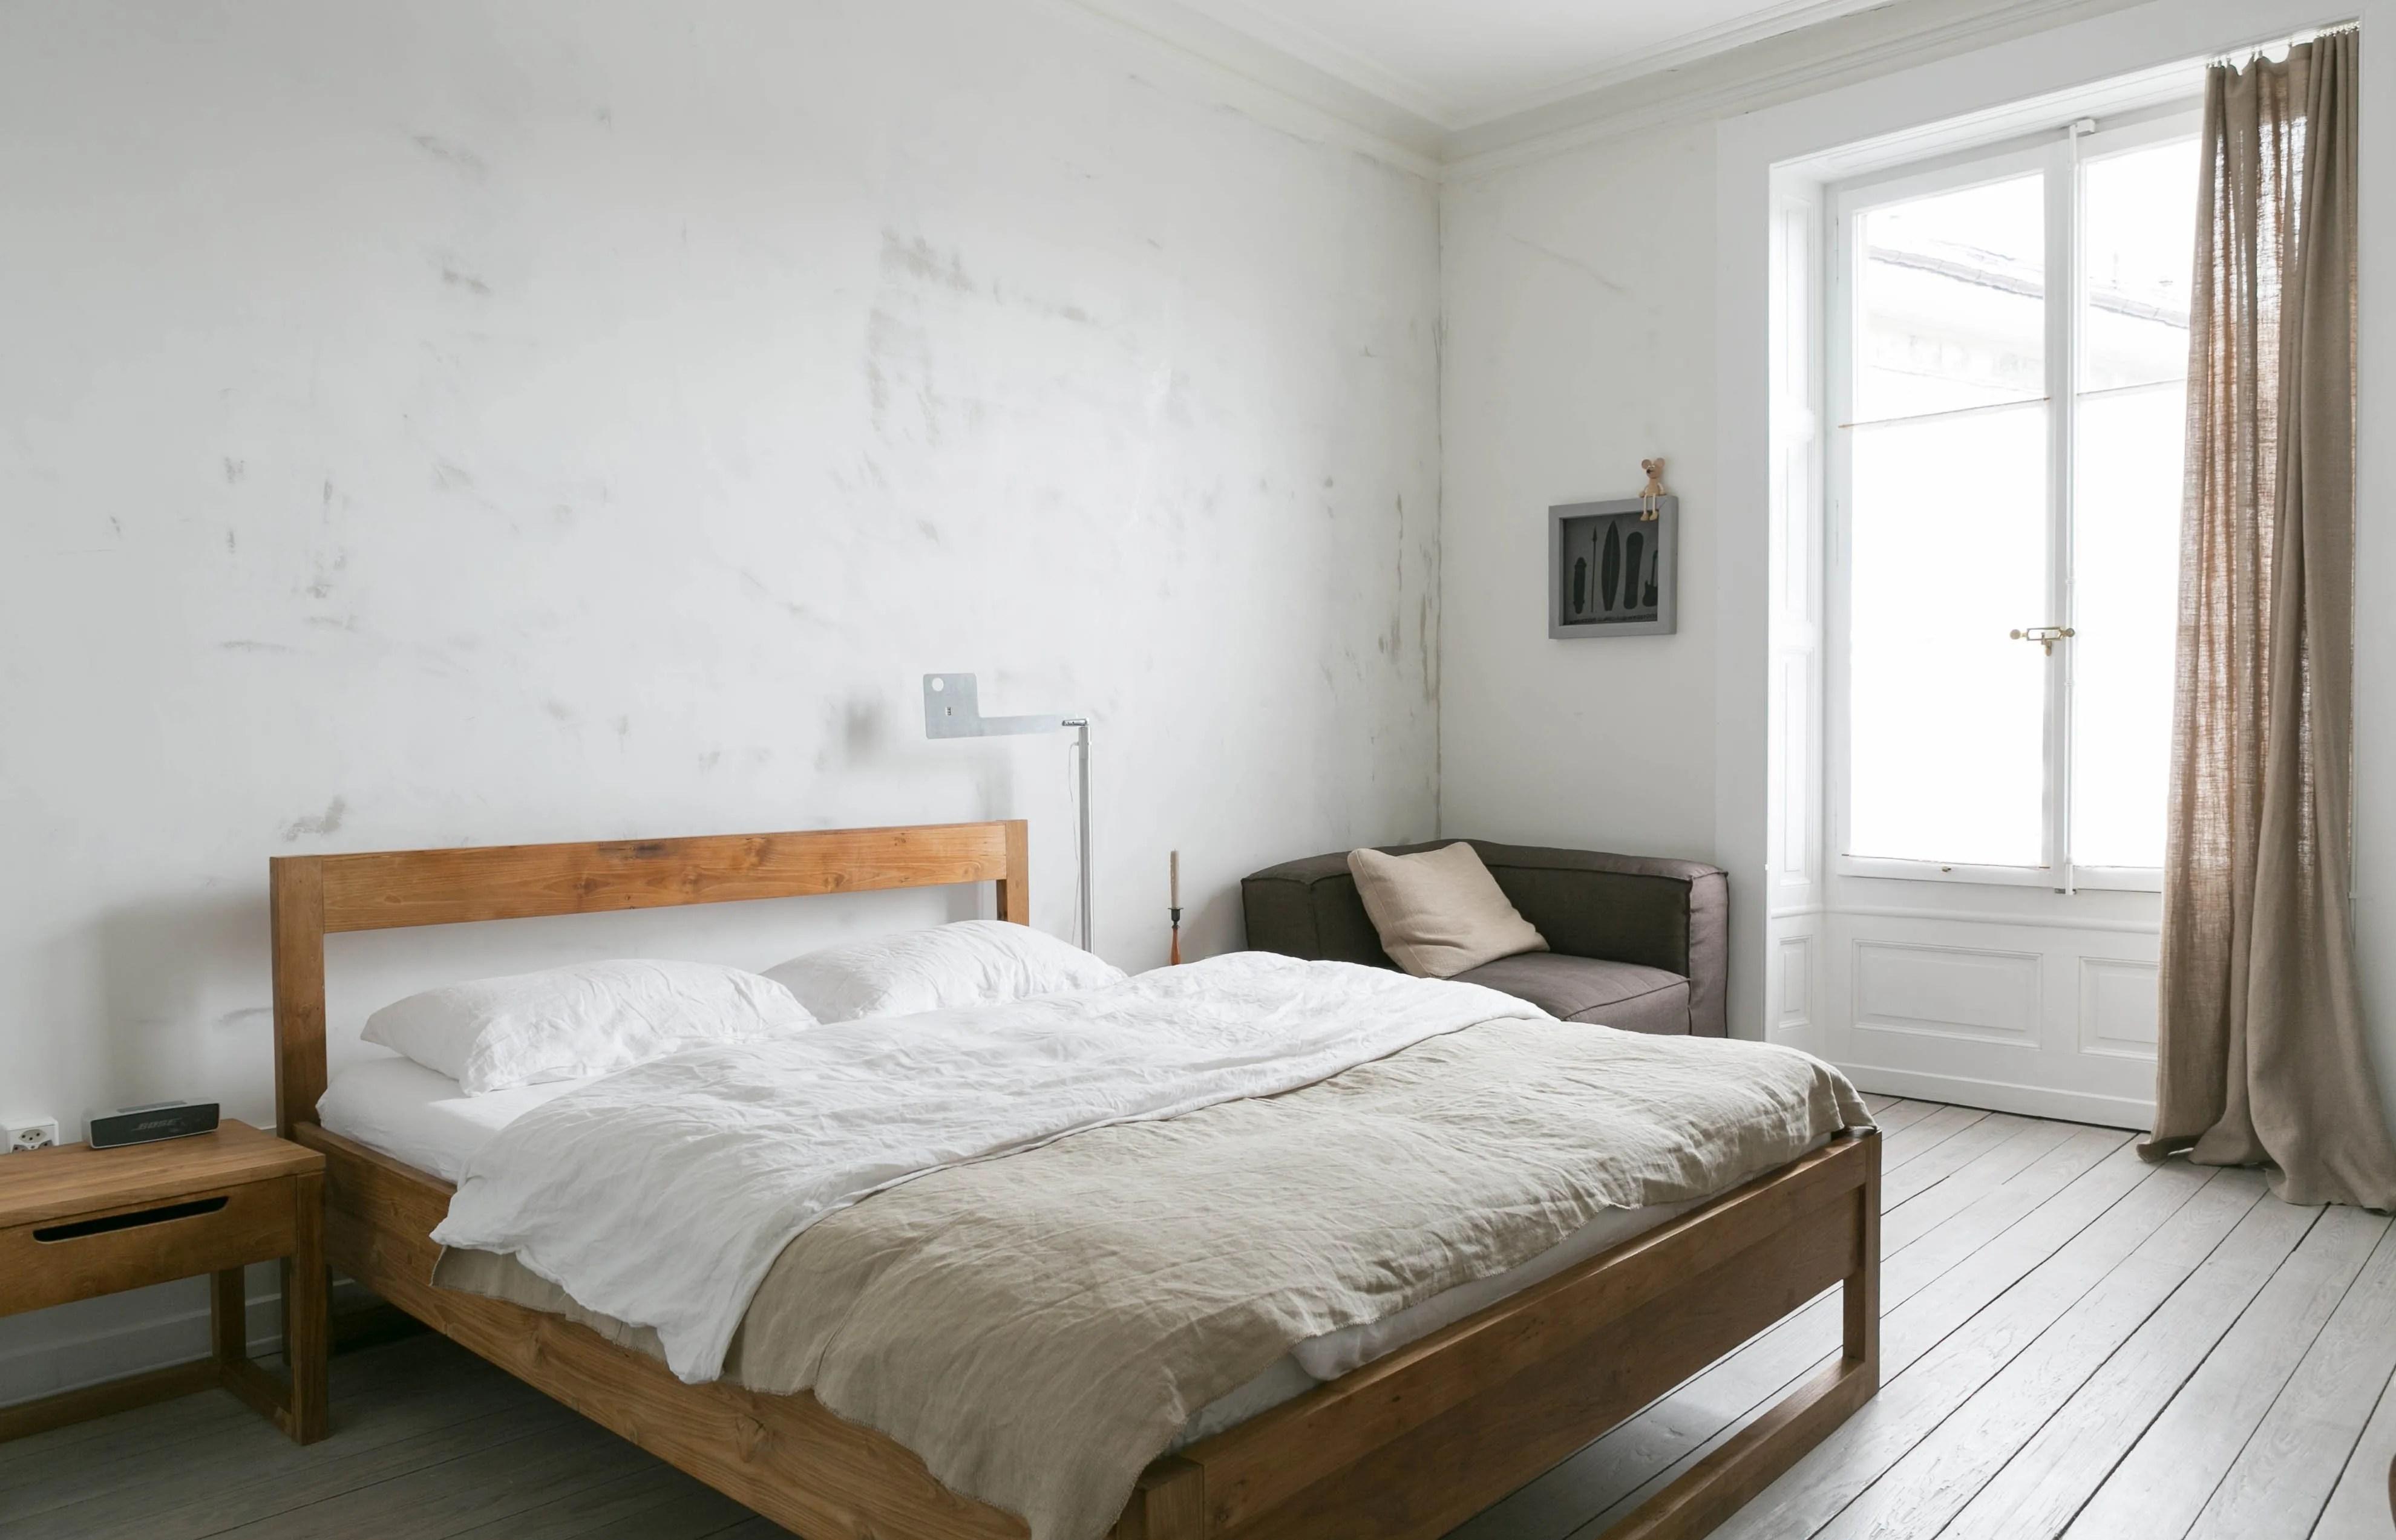 Minimalist Bedroom Ideas (That Aren't Boring) | Apartment ... on Minimalist Bedroom  id=23976